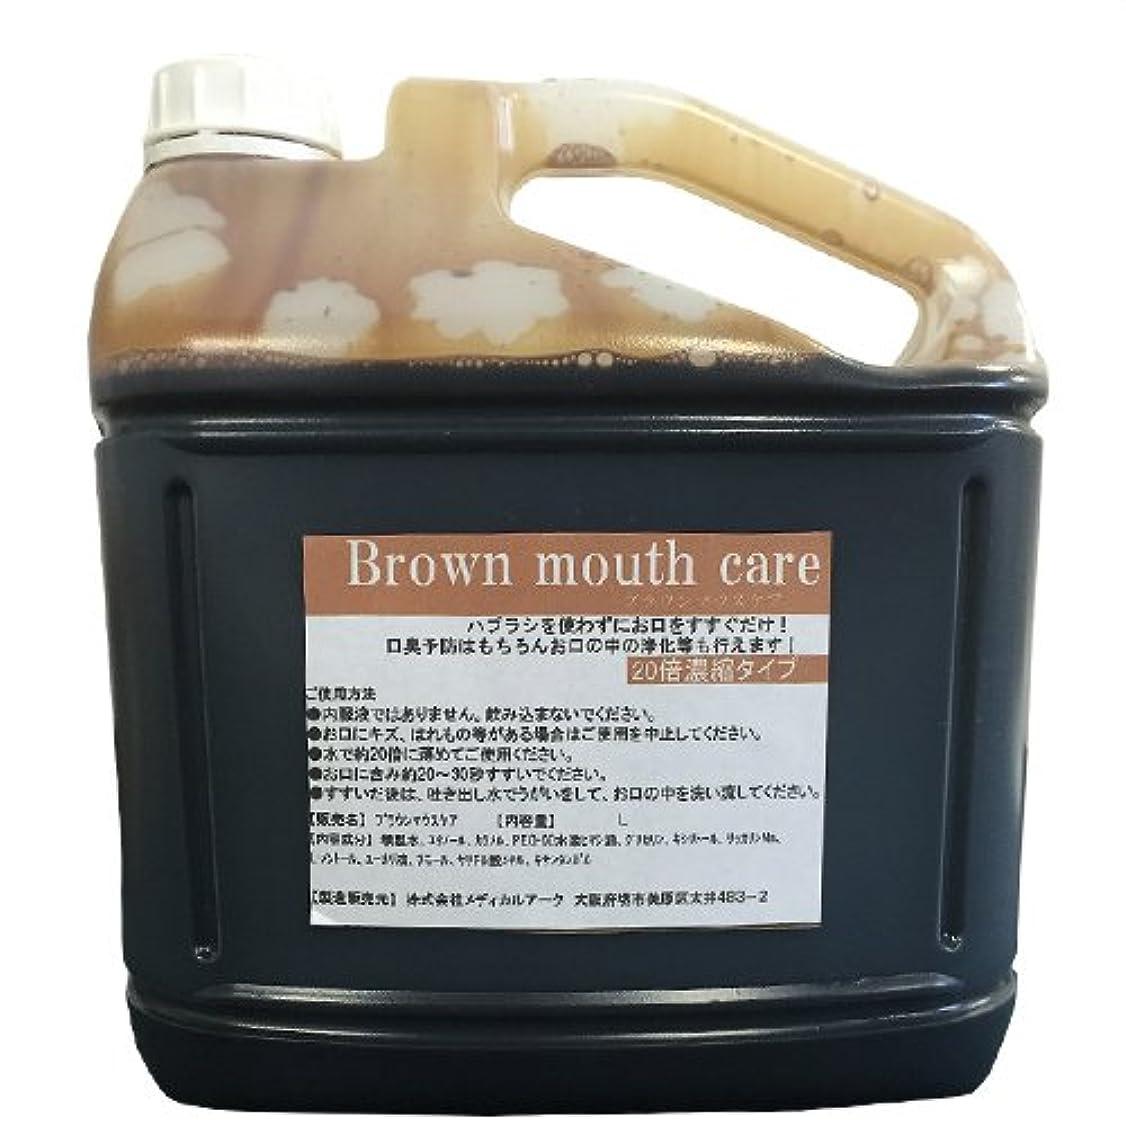 ハンドブックシマウマ変わる業務用洗口液 ガーグル ブラウンマウスケア (Brown mouth care) 20倍濃縮タイプ 5L (詰め替えコック付き)